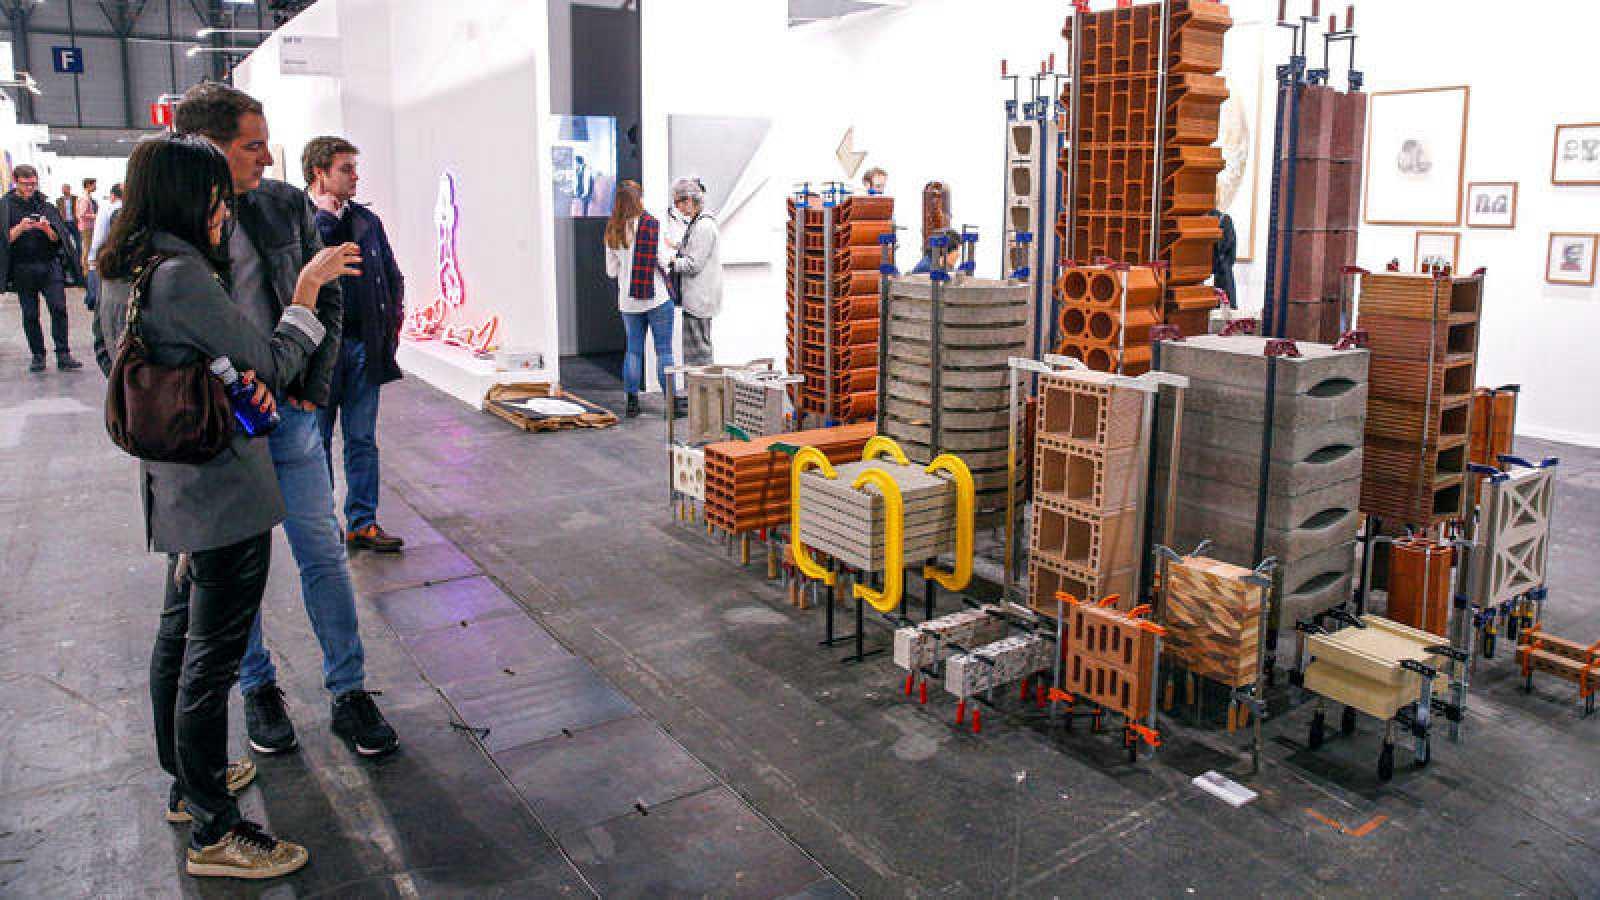 Unas personas visitan la exposición de la galería Revolver de Perú en la feria de arte, ARCO.